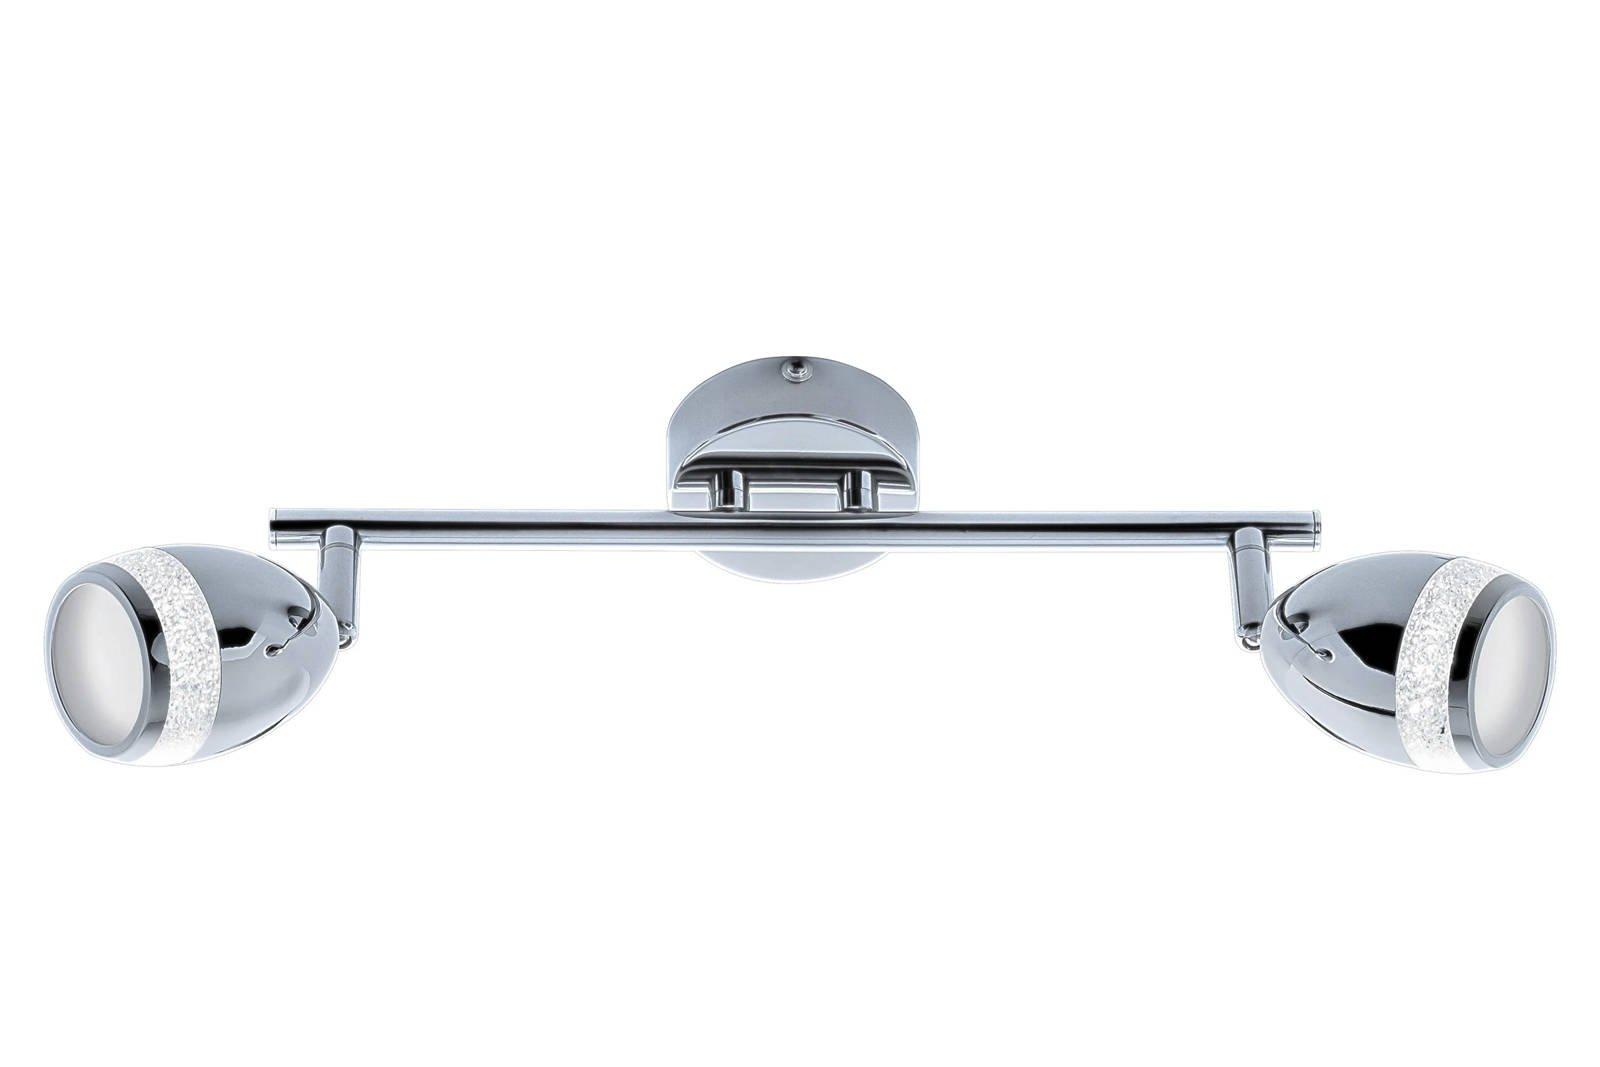 Ceiling lamp Briloner 2995-028